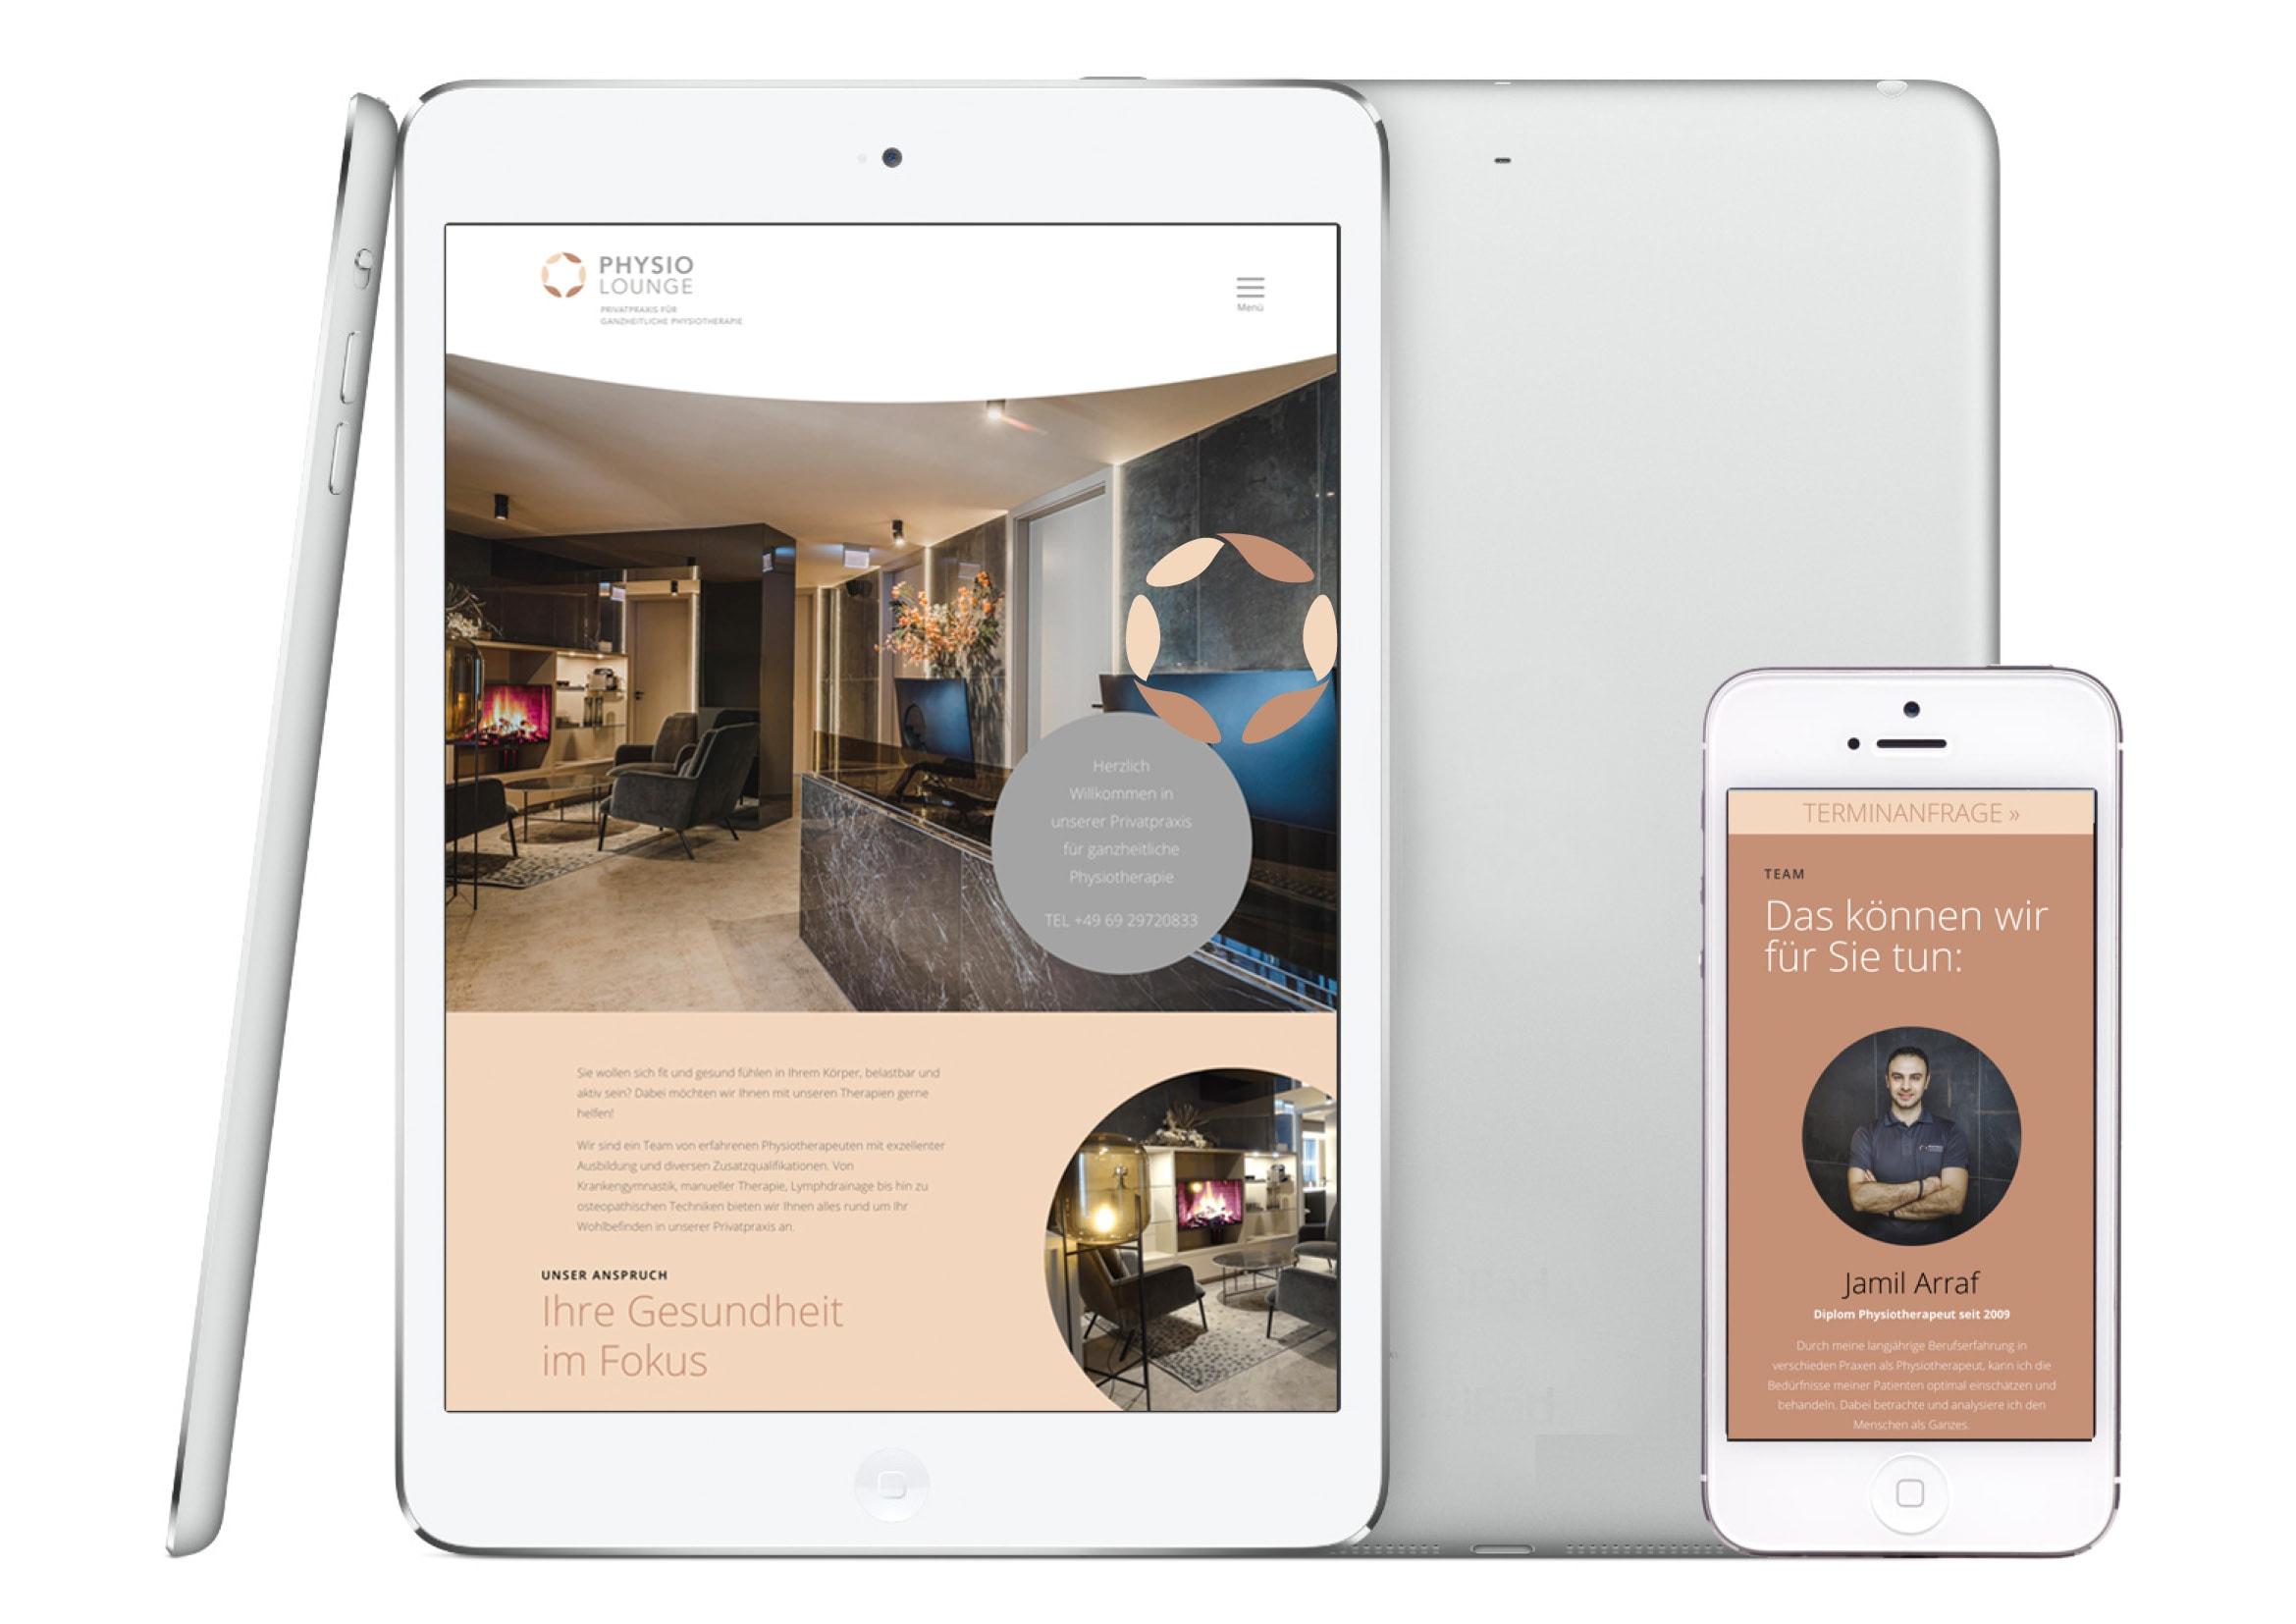 Webdesign und Programmierung der Homepage für Physiotherapeuten Frankfurt durch Webdesigner Ronald Wissler Frankfurt